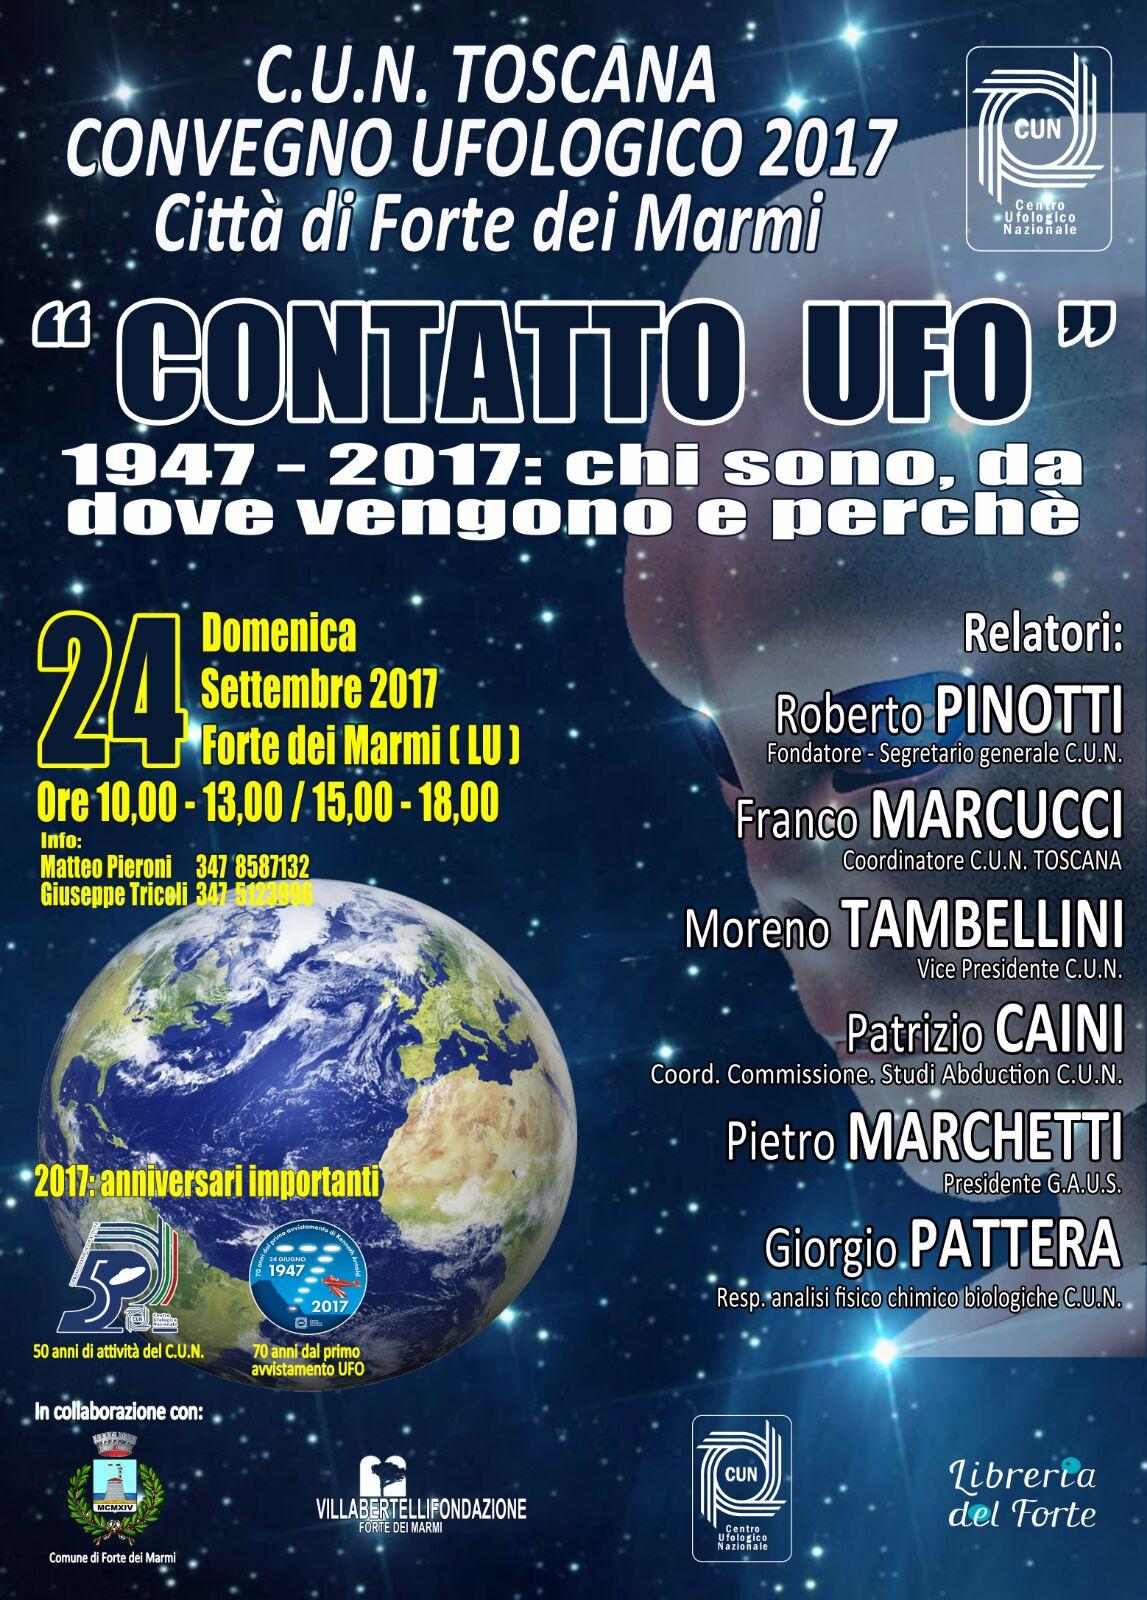 CONTATTO UFO - CUN TOSCANA CONVEGNO UFOLOGICO 2017 - CITTA' DI FORTE DEI MARMI